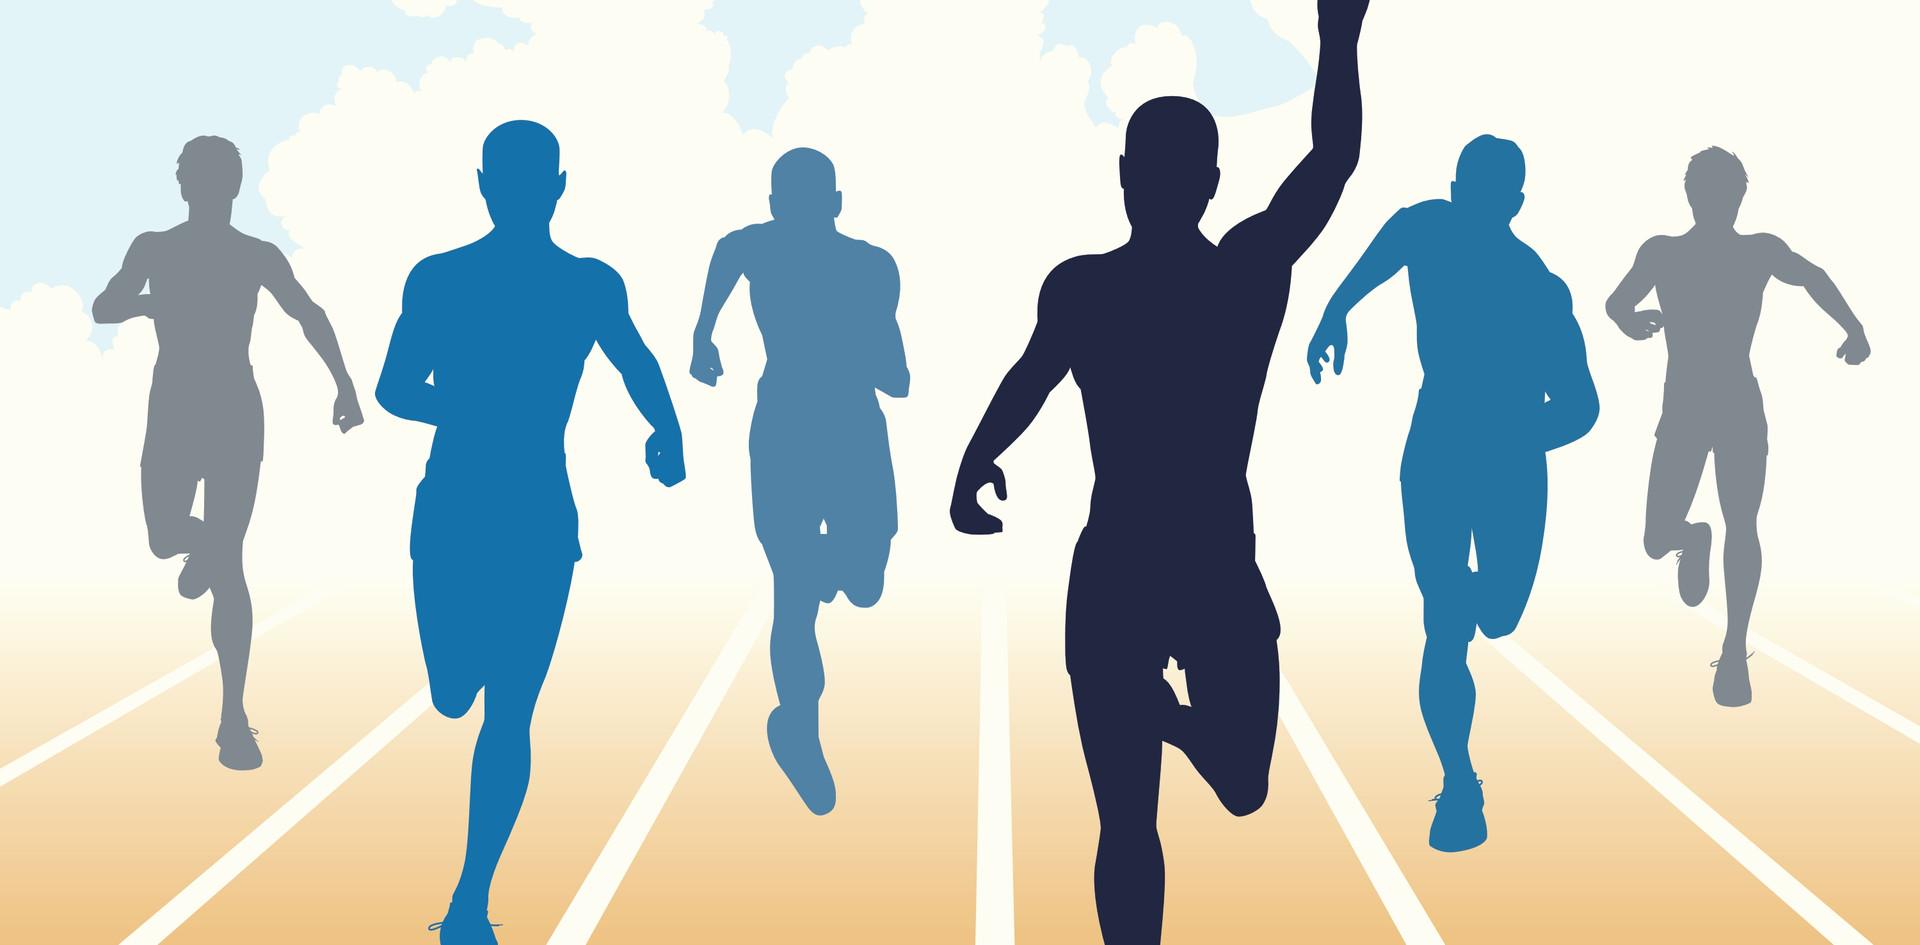 Atletismo de volta!